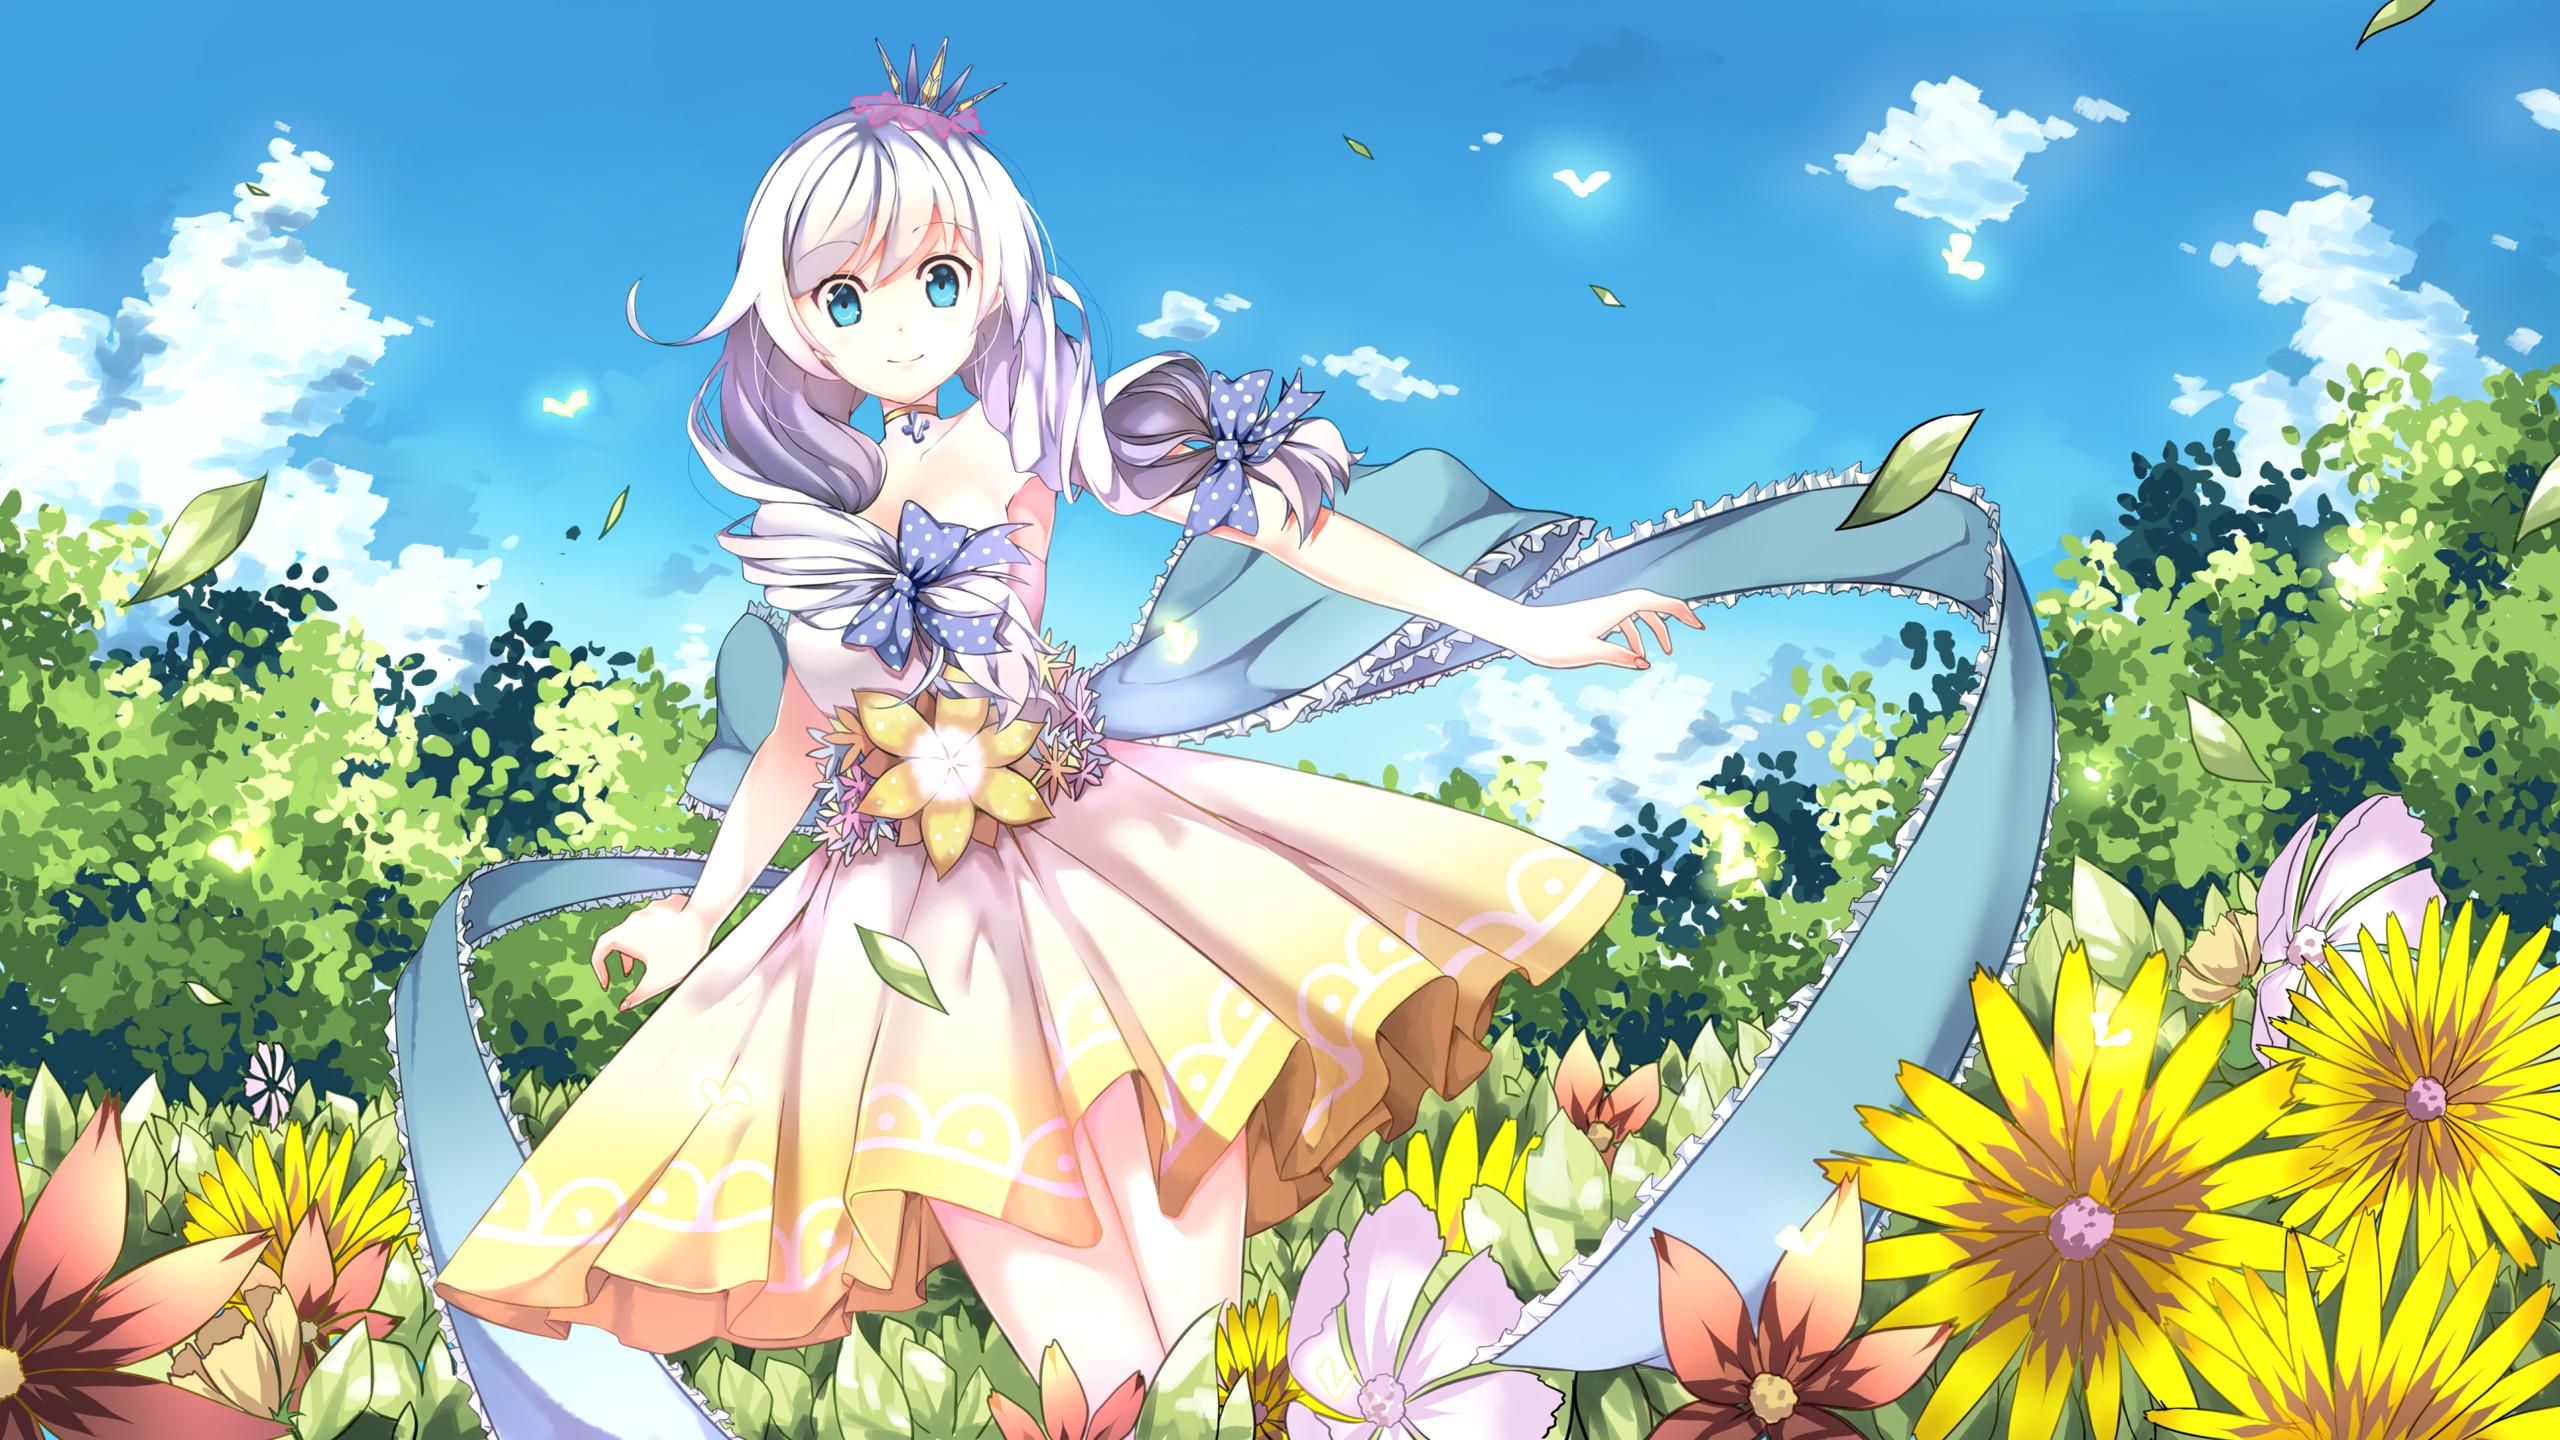 hinh nen anime girl xinh